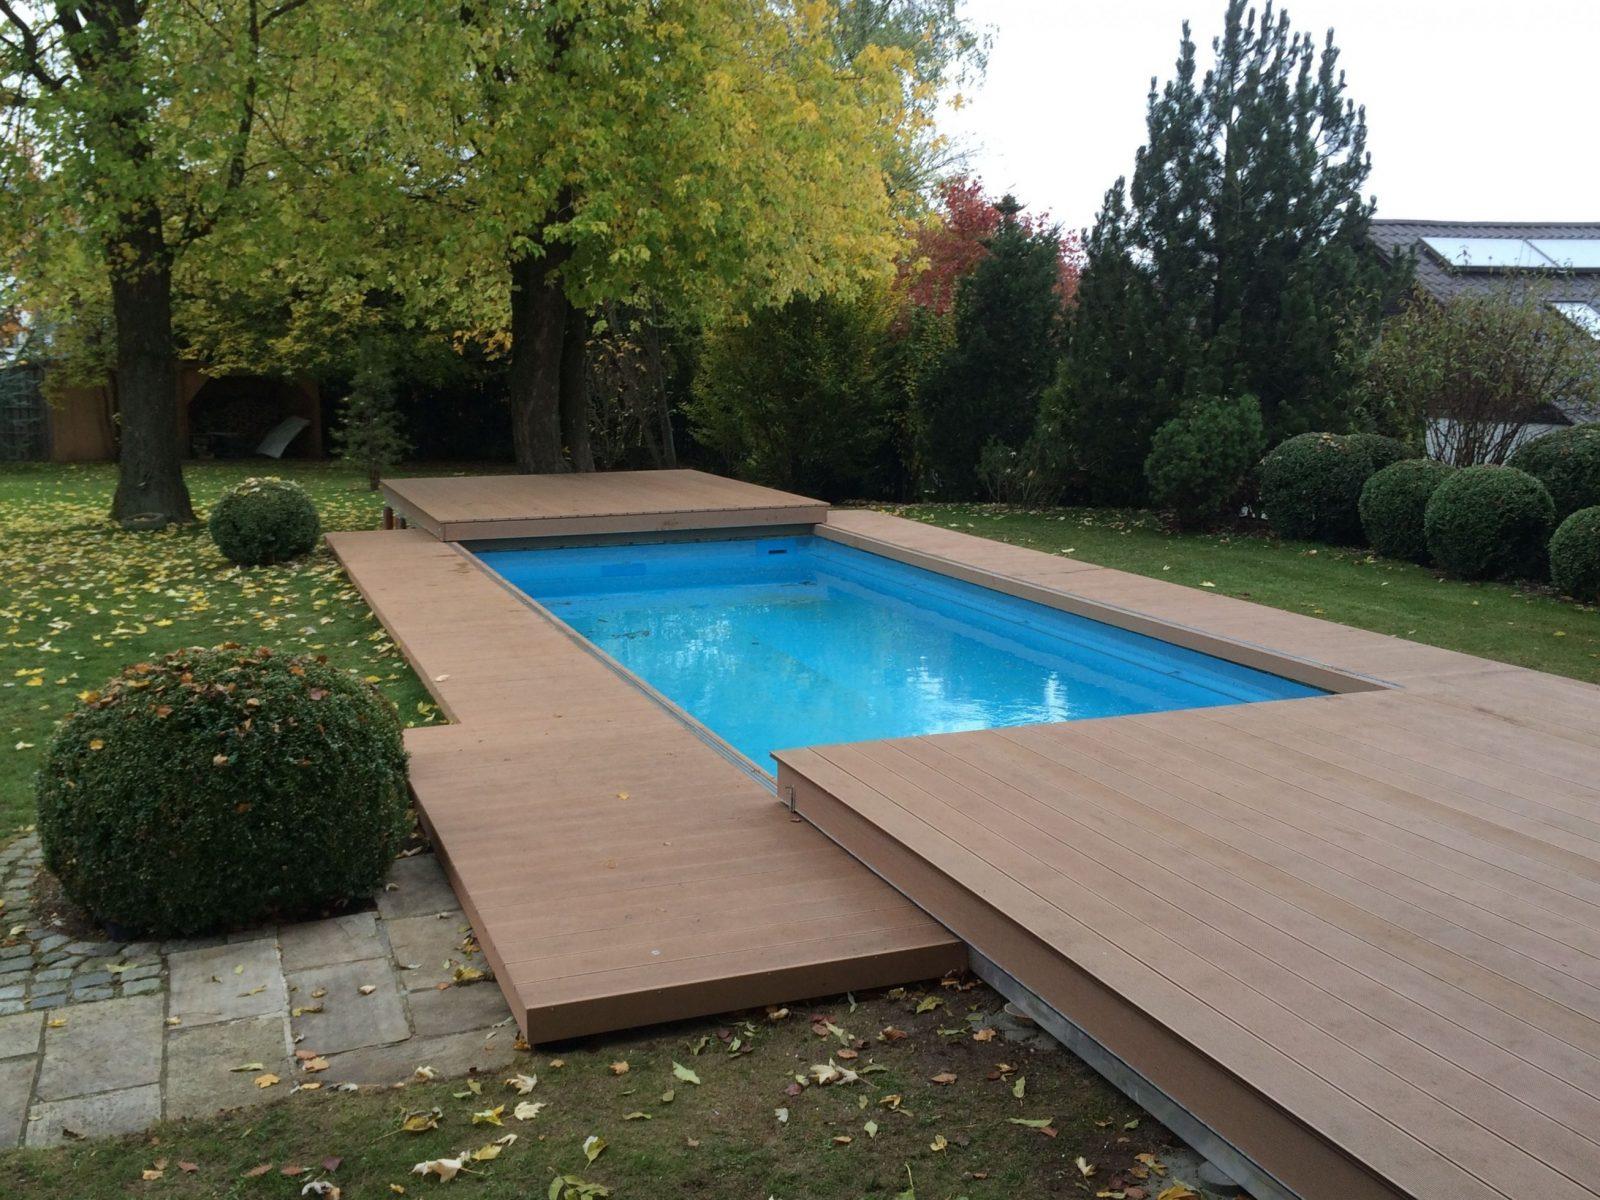 35 Pool Terrasse Selber Bauen Konzept   Gartenideen von Poolabdeckung Selber Bauen Holz Photo